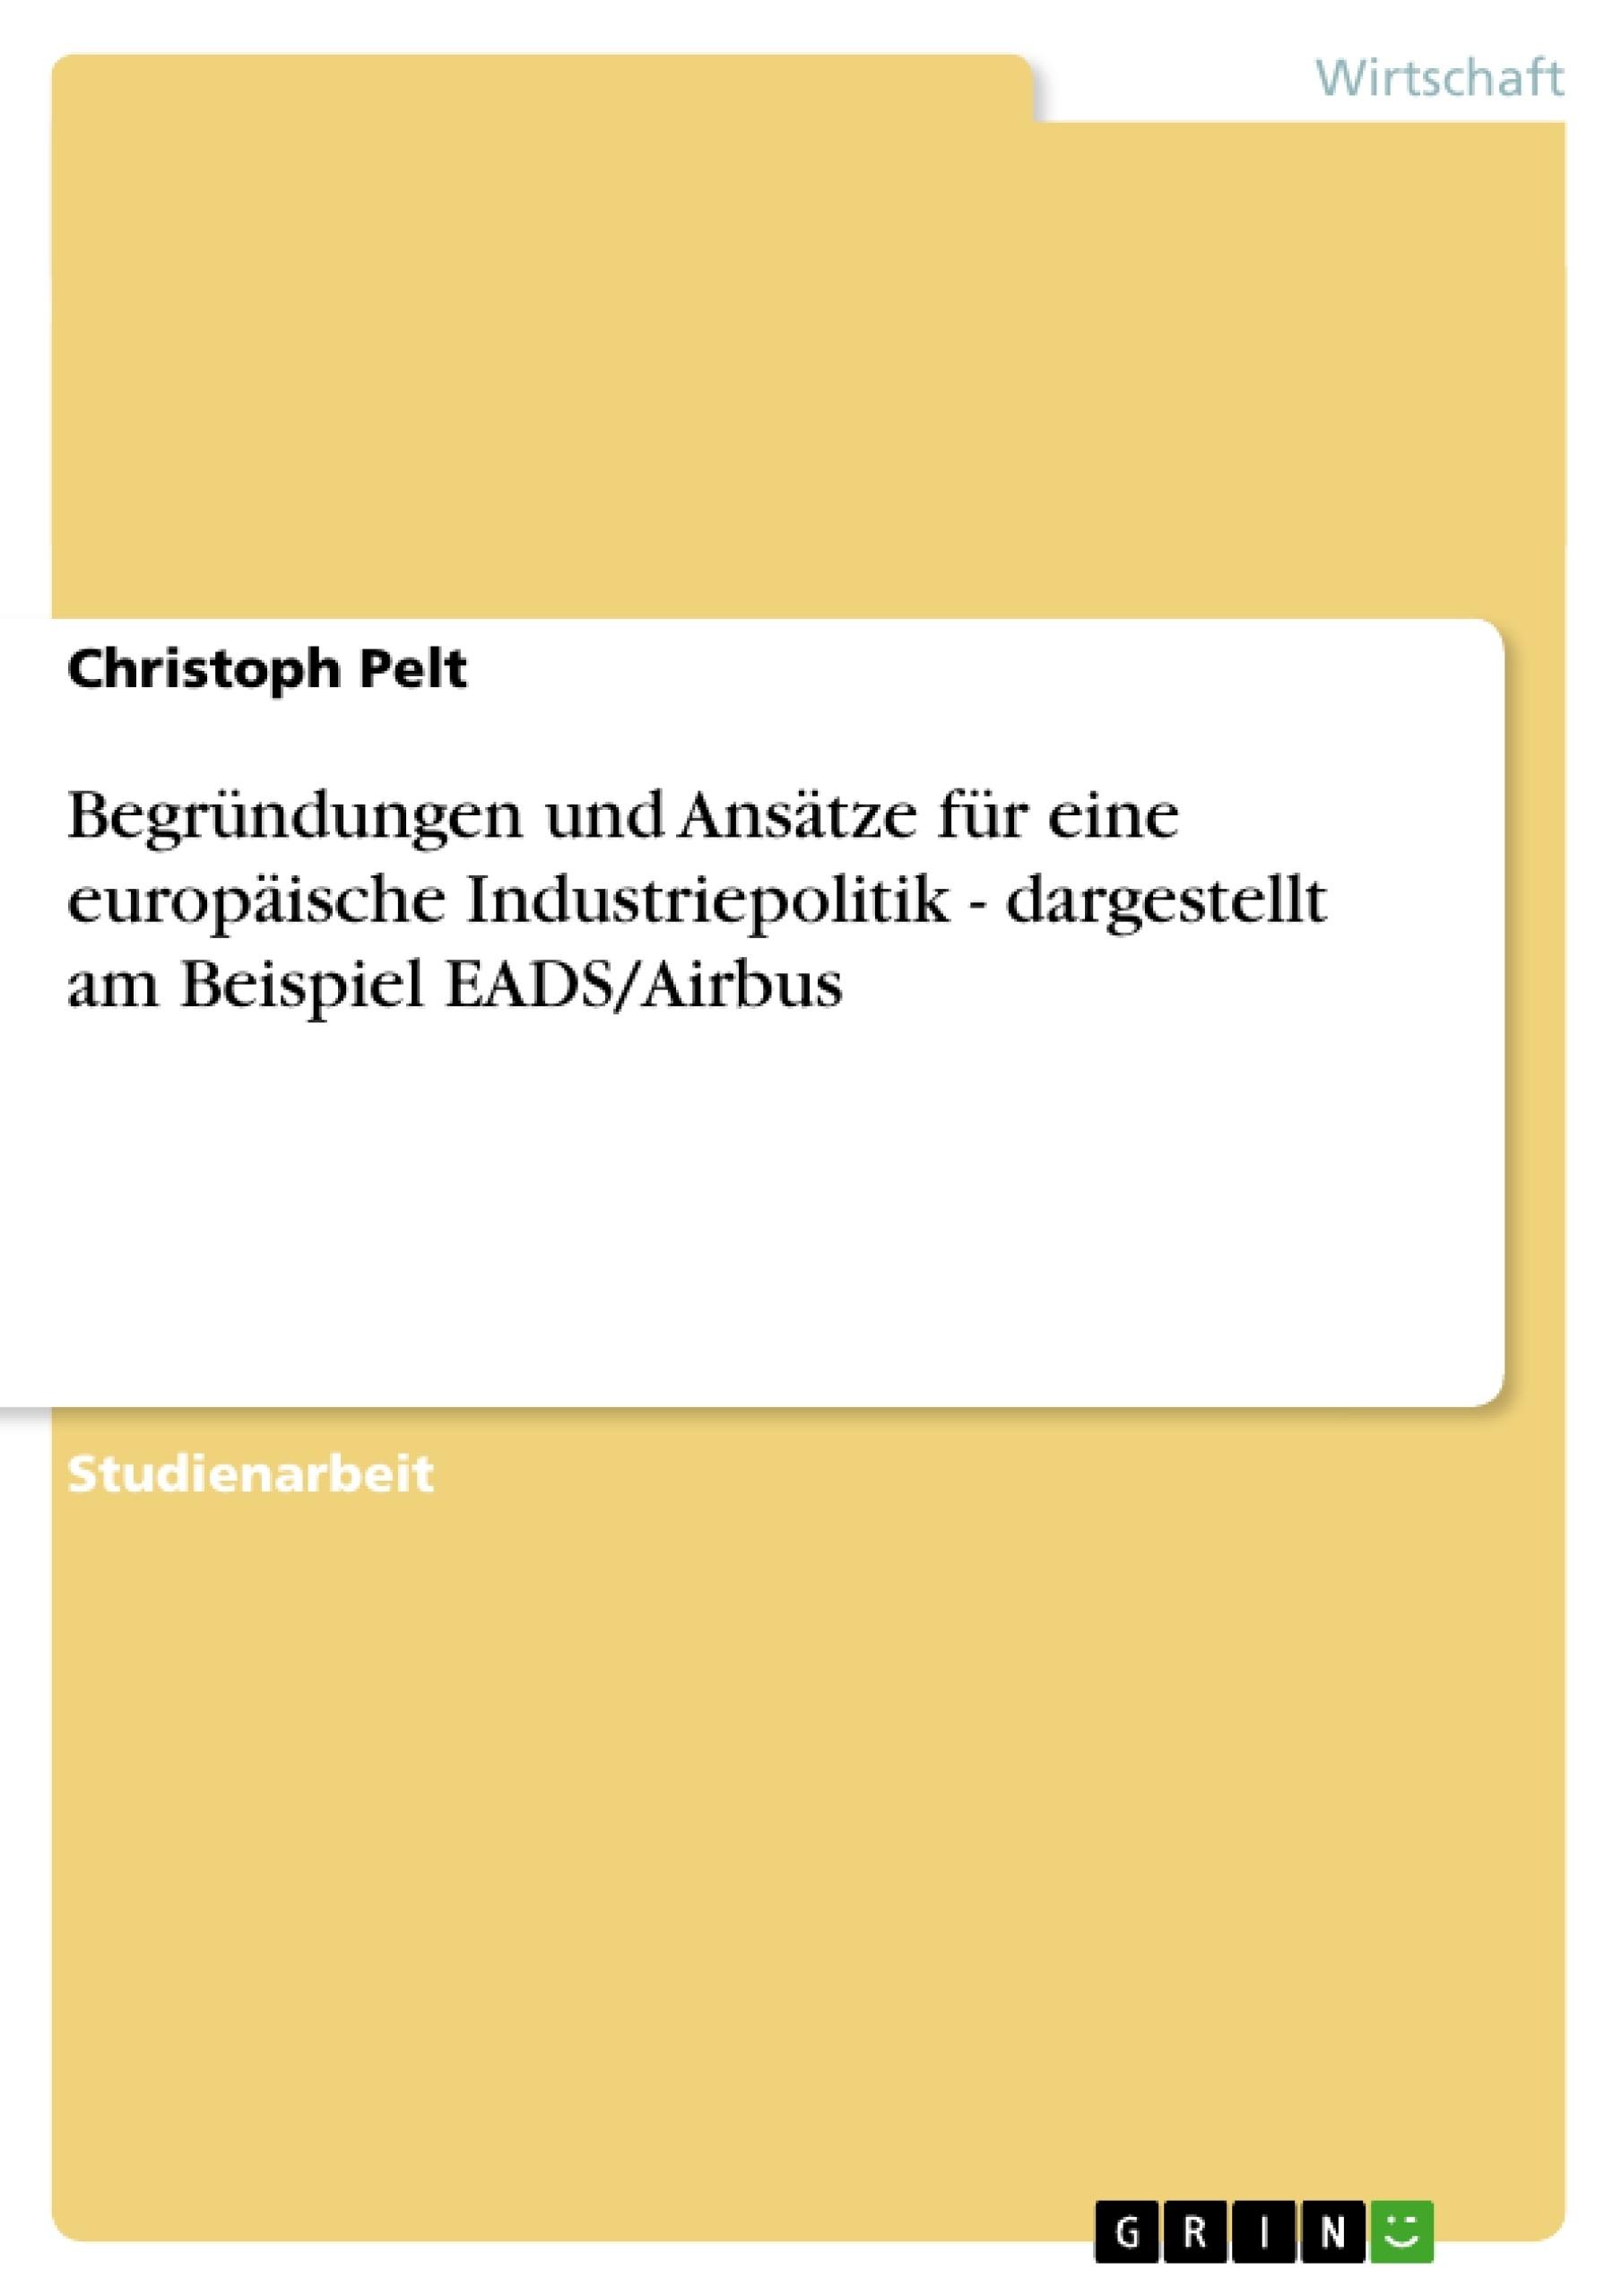 Titel: Begründungen und Ansätze für eine europäische Industriepolitik - dargestellt am Beispiel EADS/Airbus